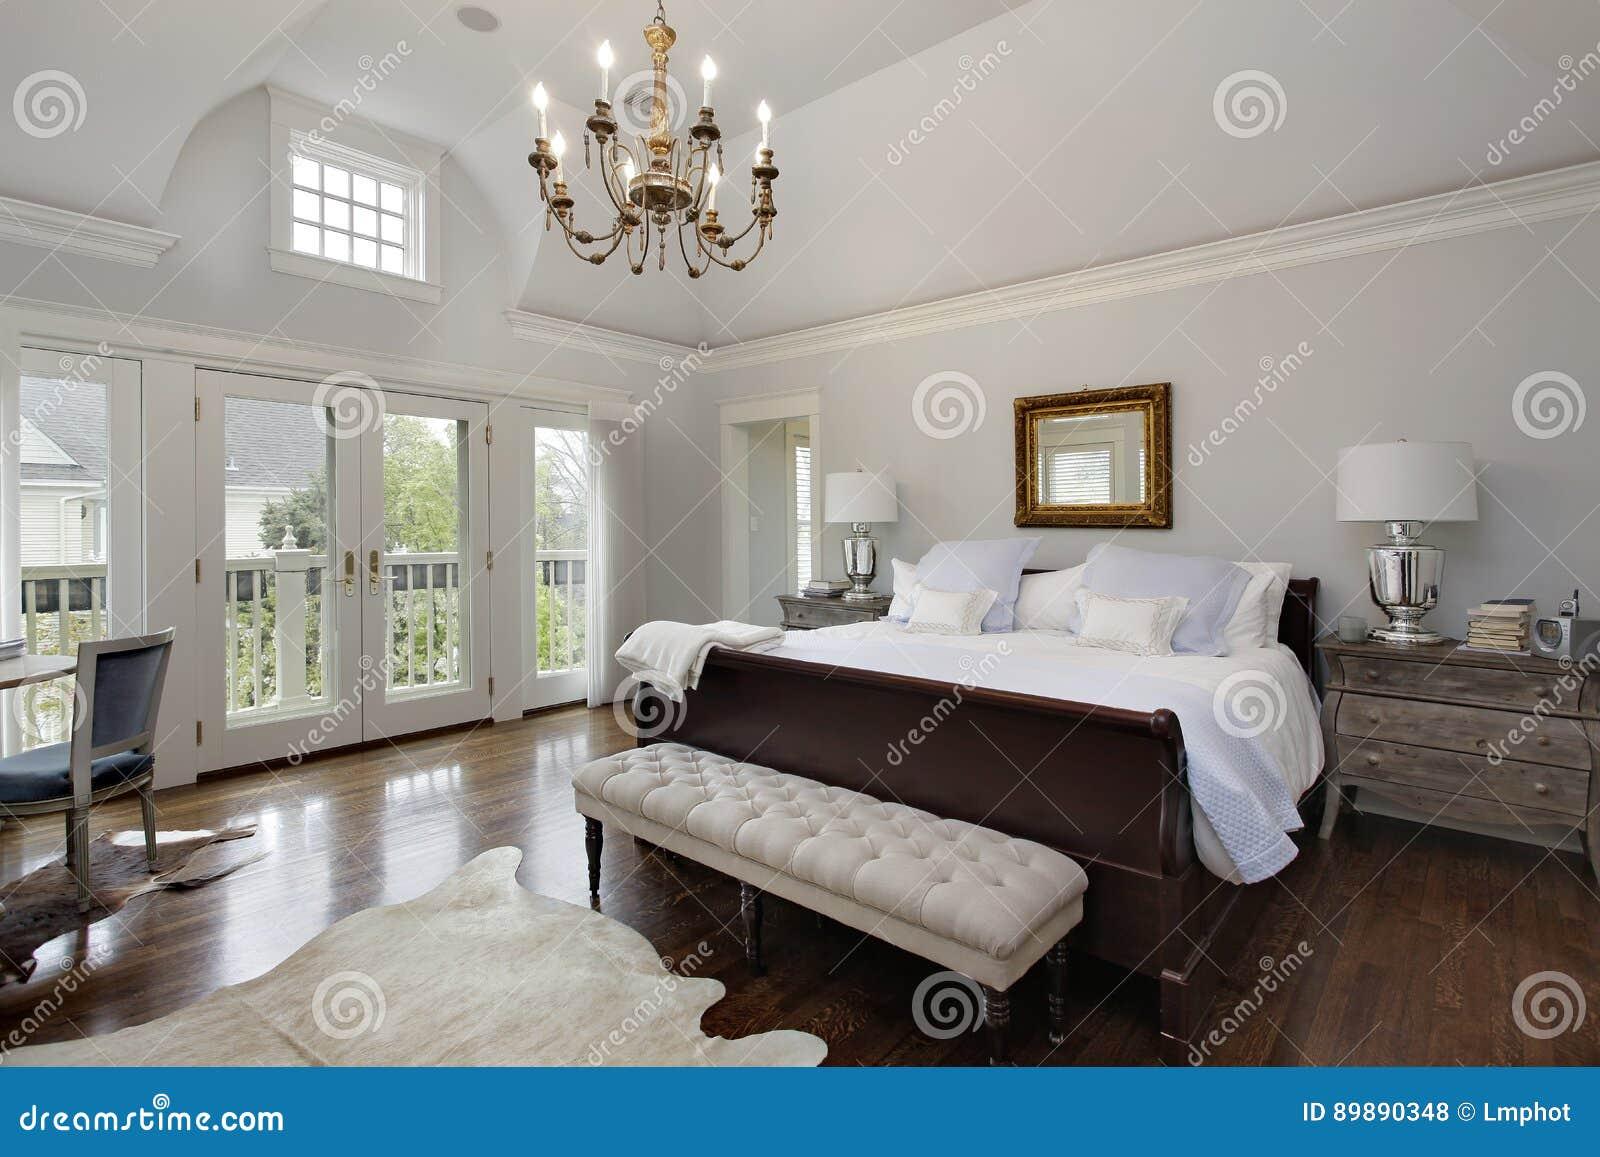 Κύρια κρεβατοκάμαρα με τις πόρτες στο μπαλκόνι